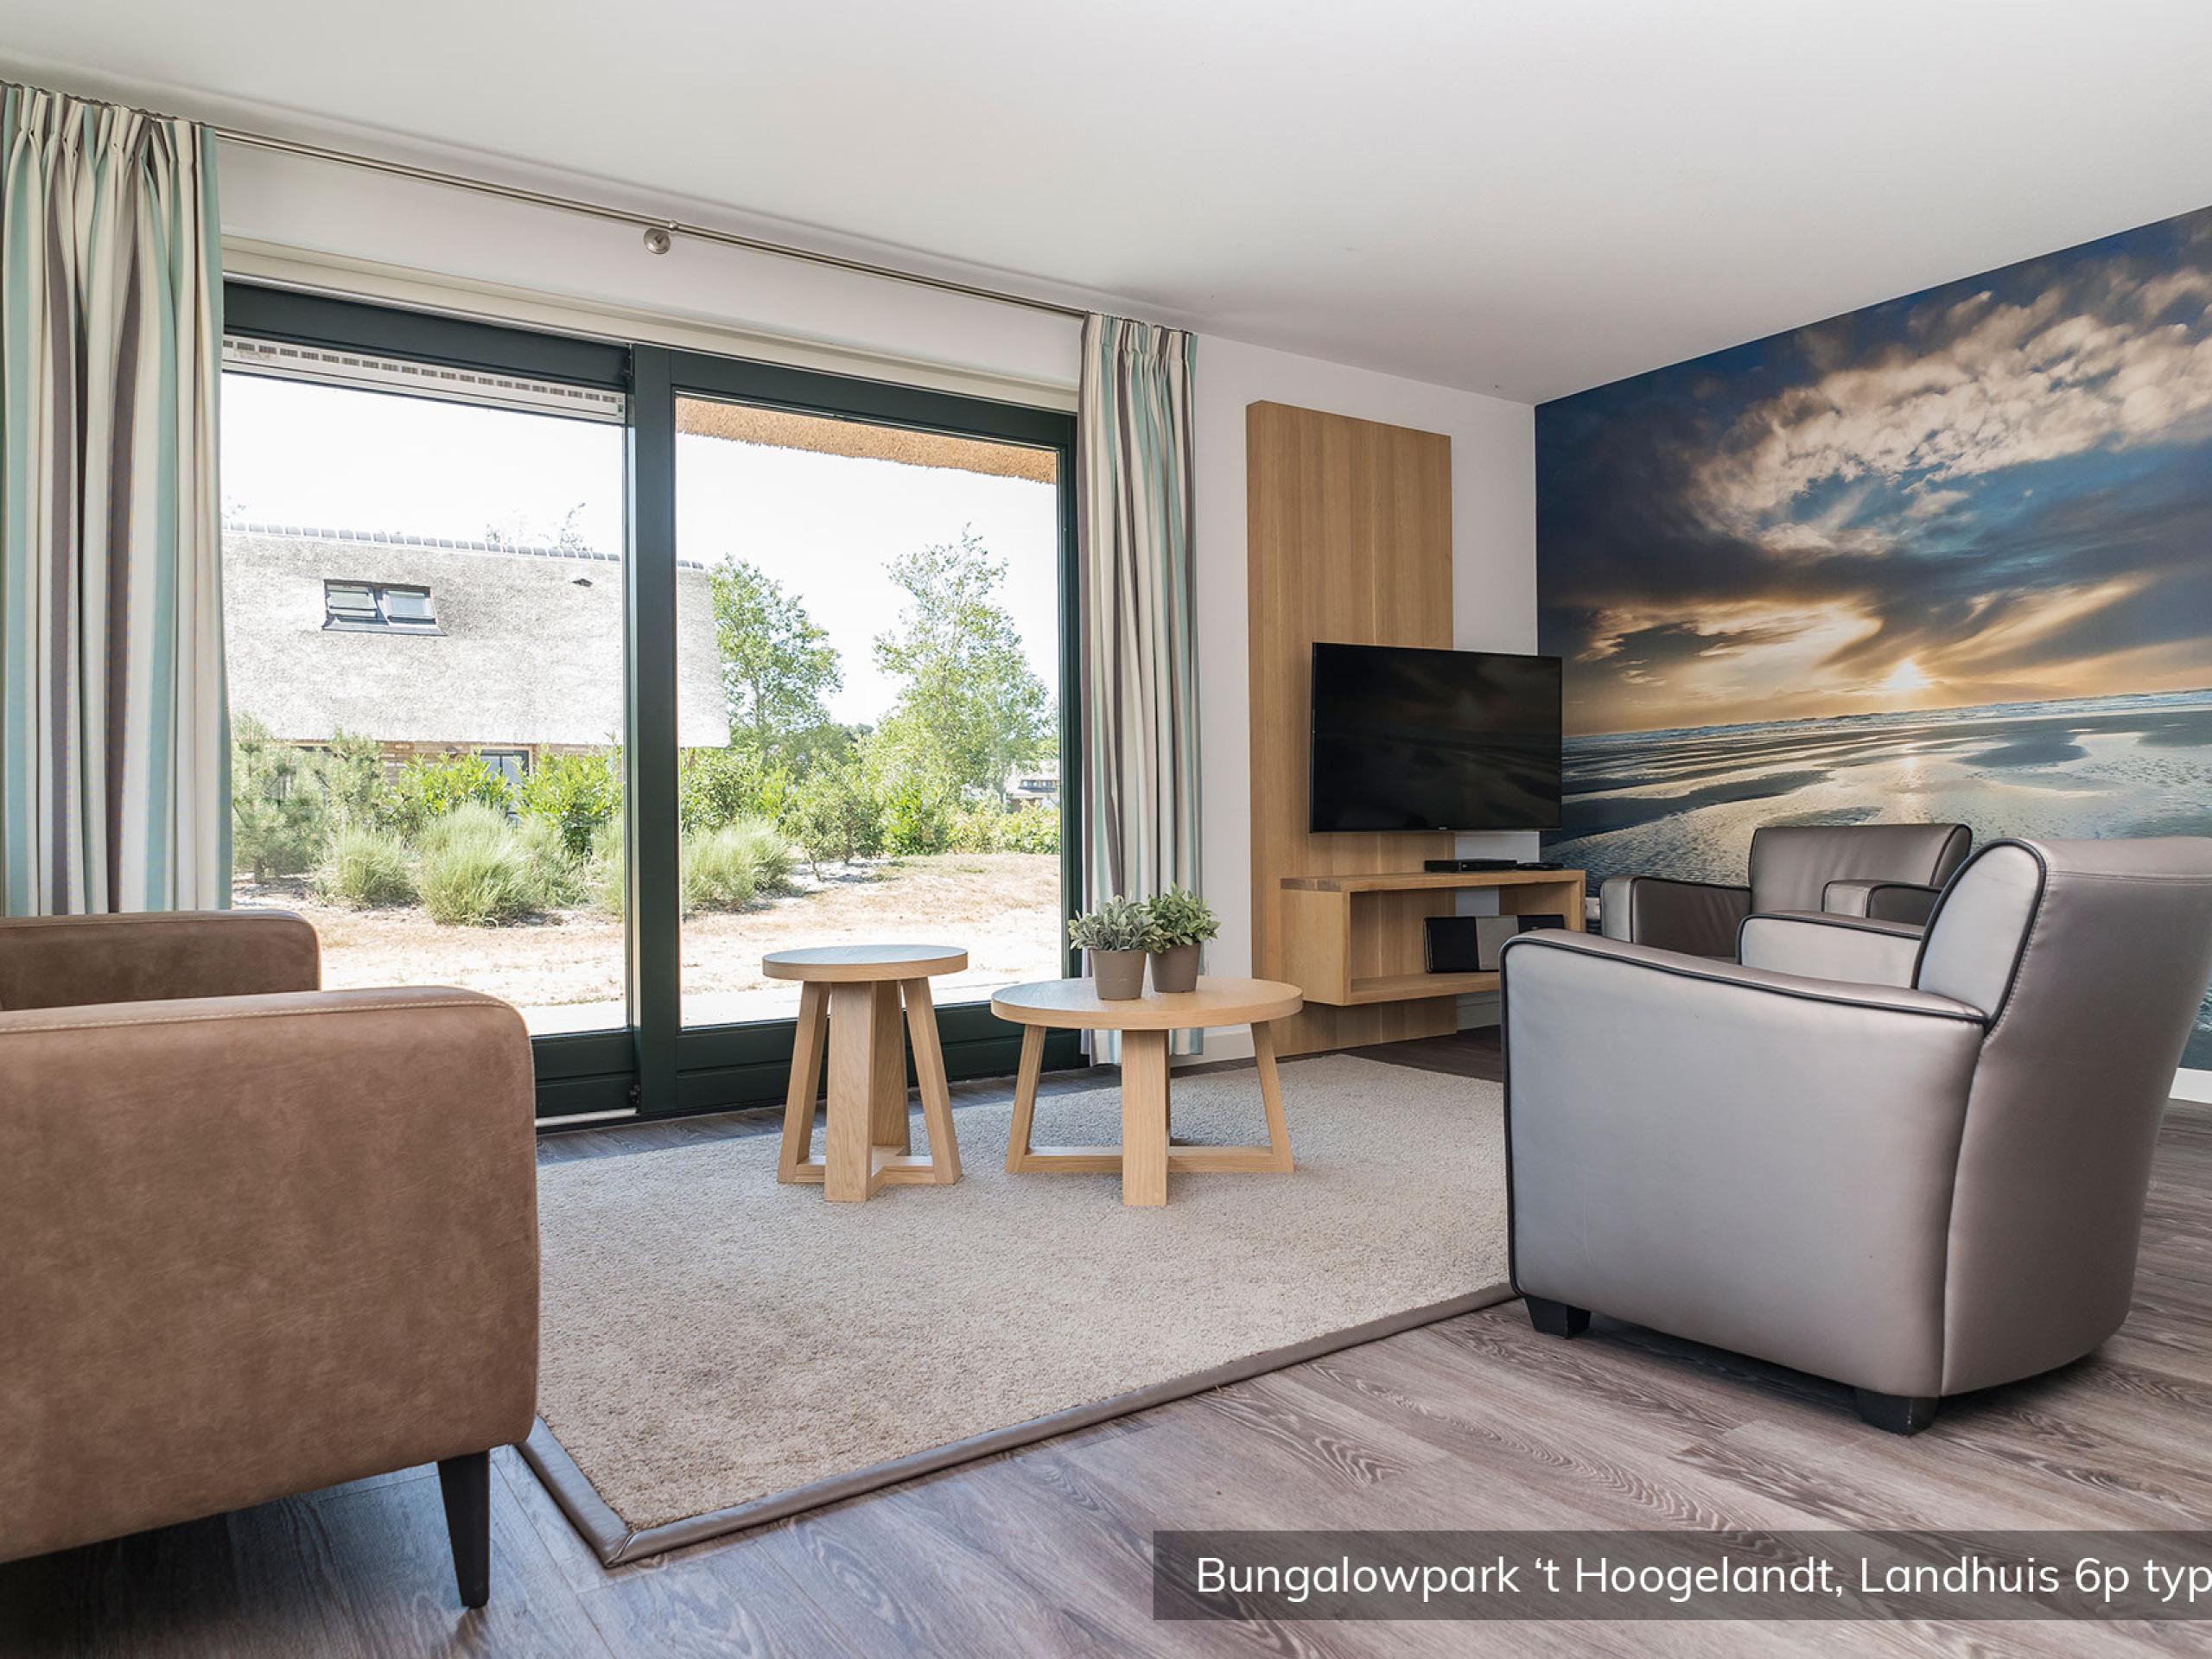 Ruhe, Natur und Komfort in einem strohgedeckten Ferienhaus in der Nähe von De Koog